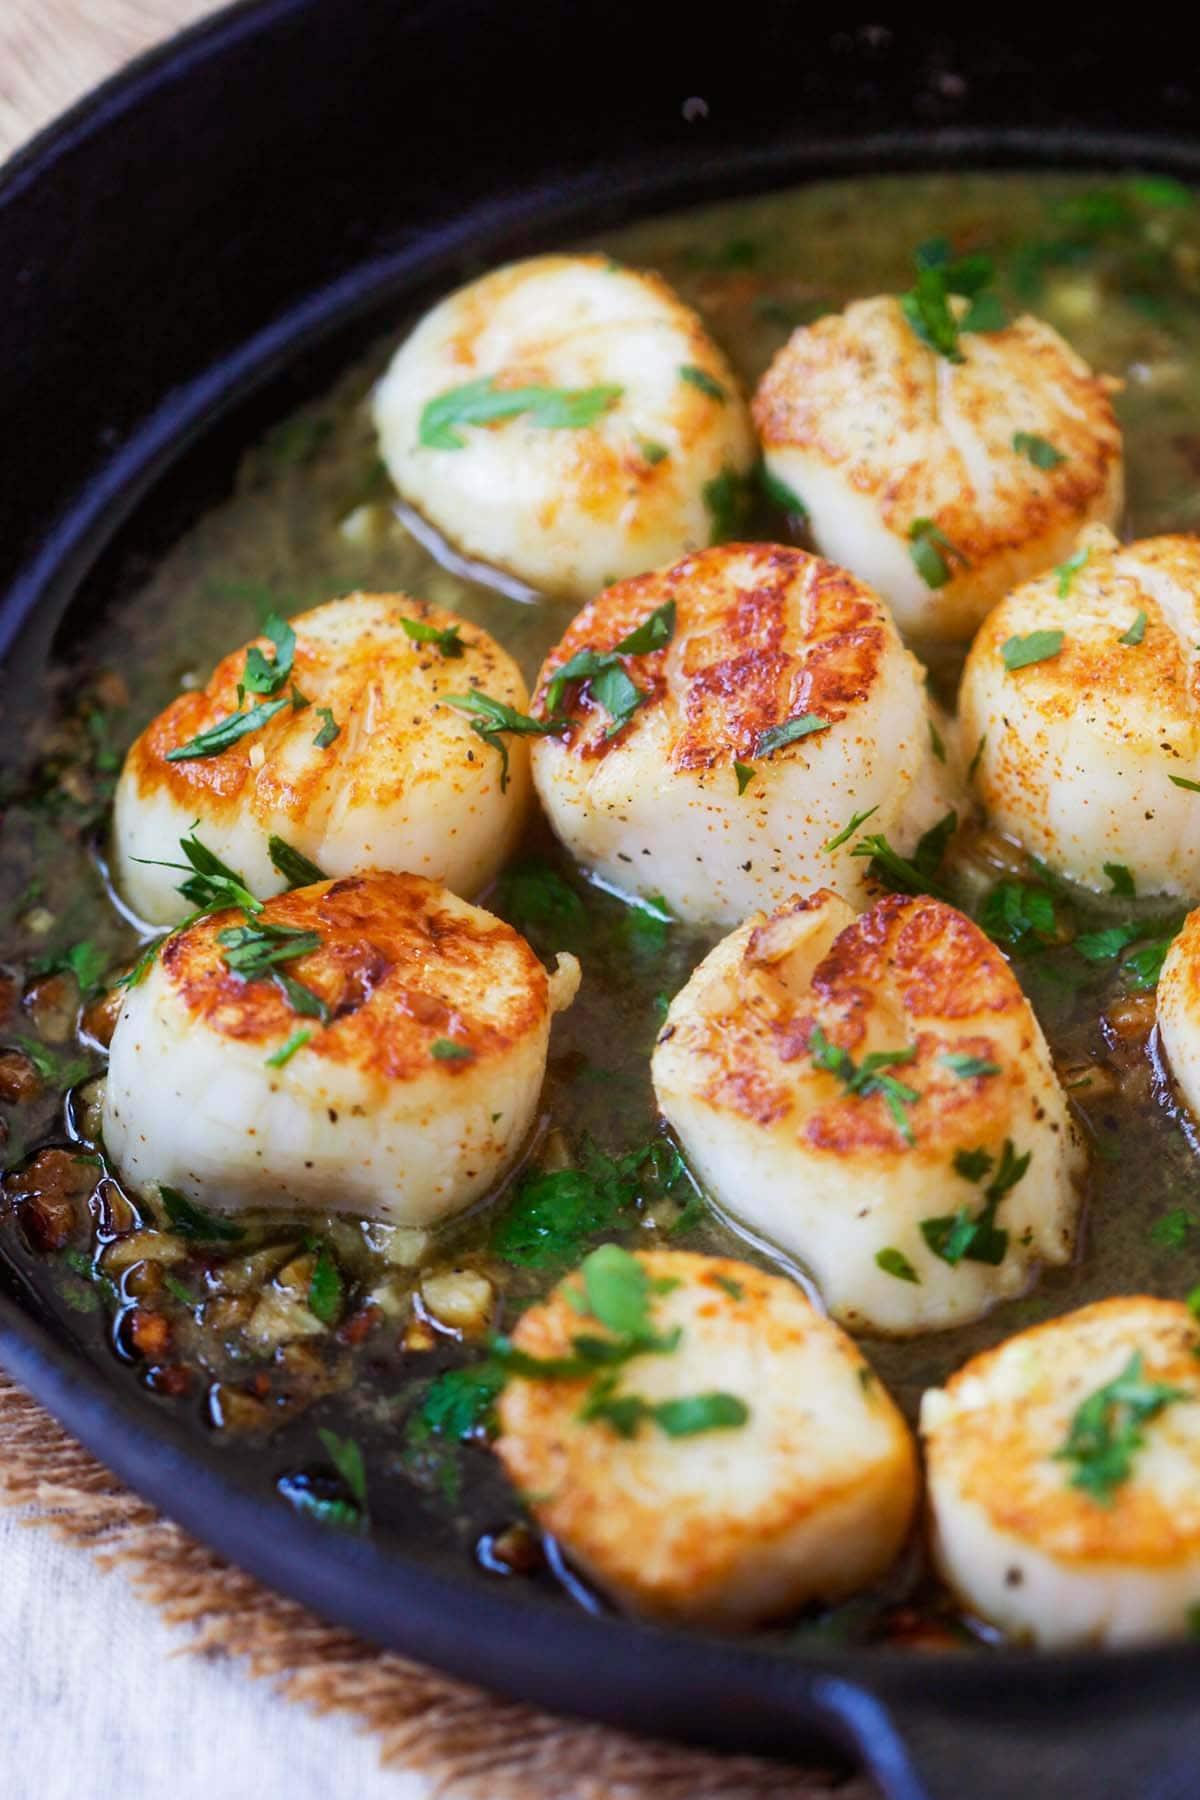 How to make sauteed scallops?